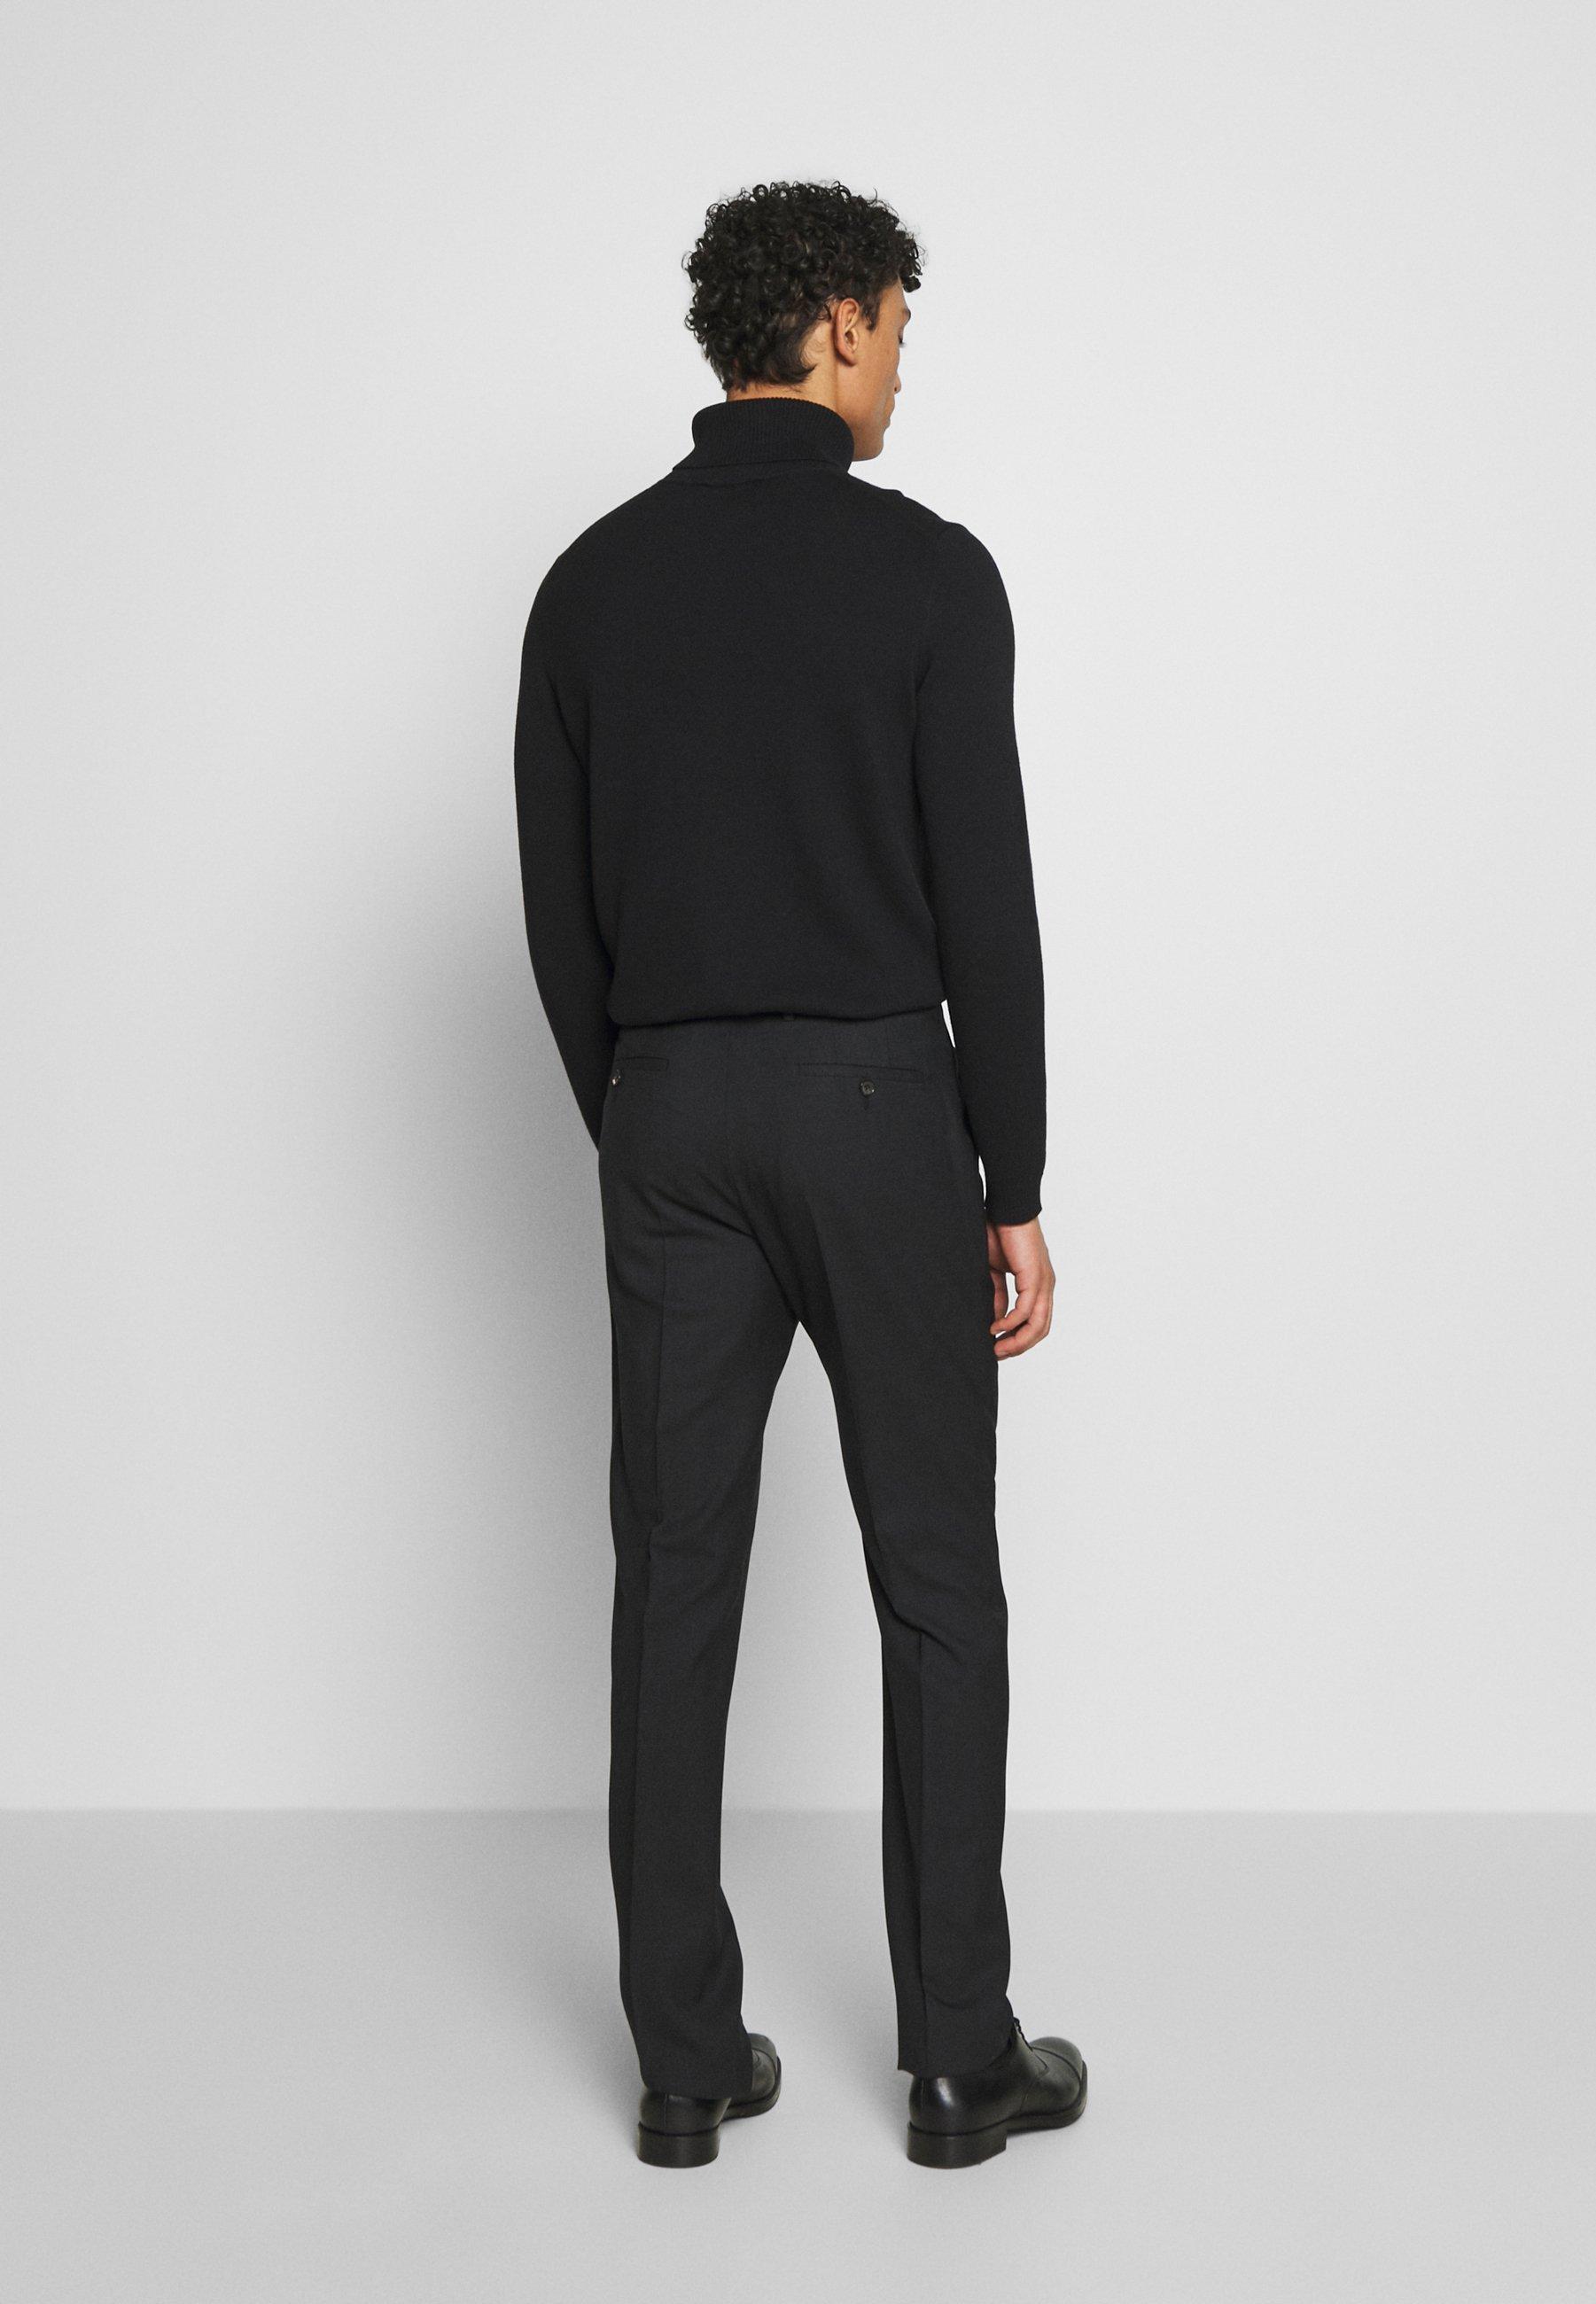 Paul Smith Gents Tailored Fit Button Suit - Jakkesæt Grey